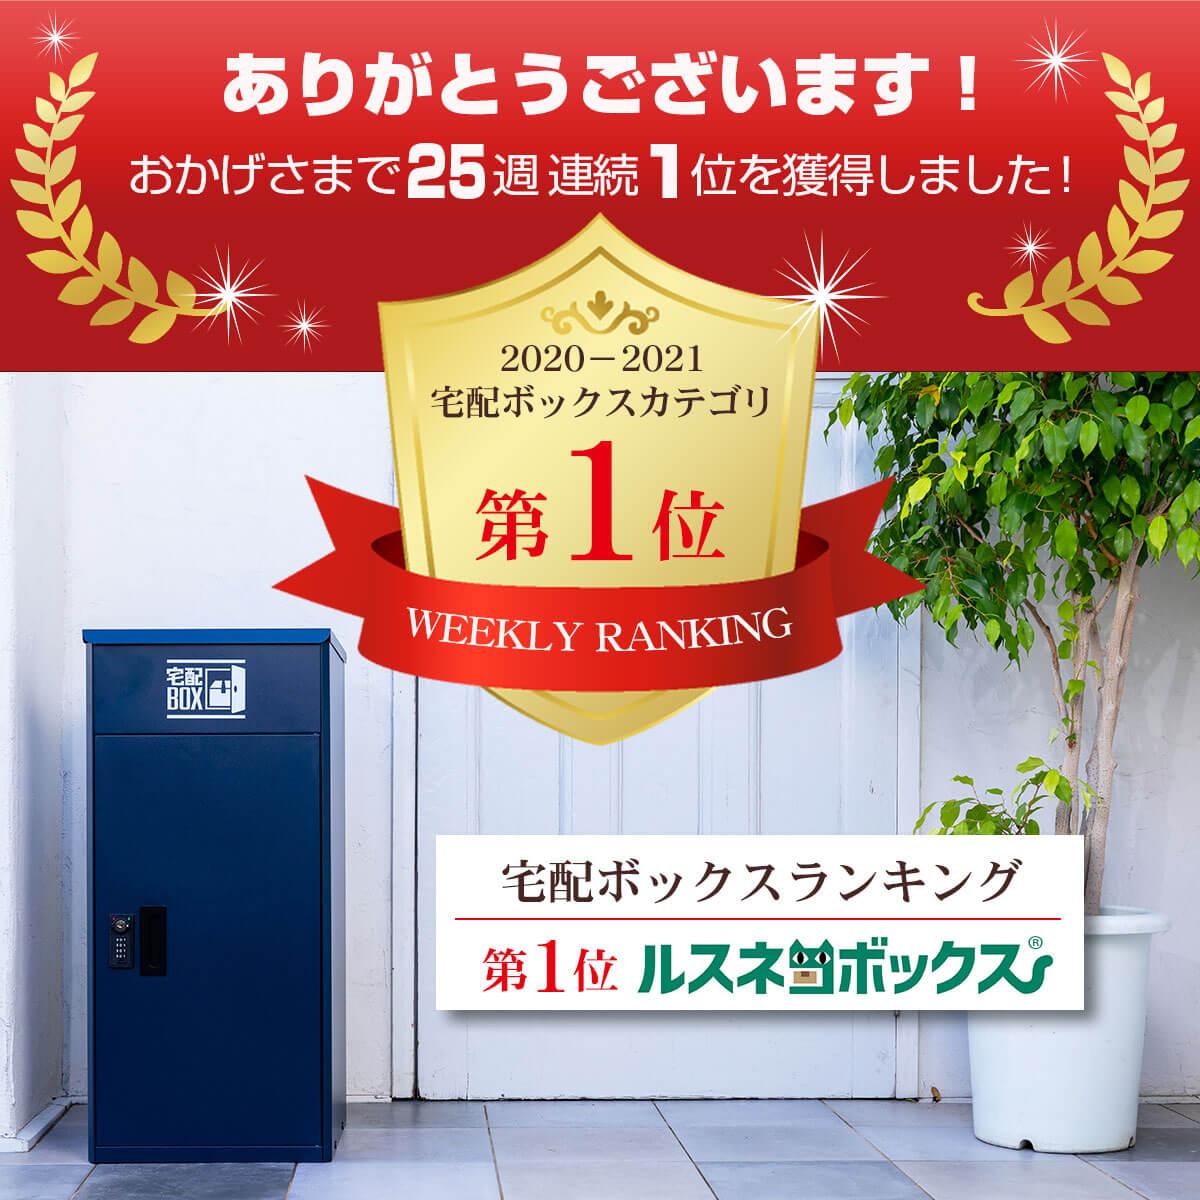 宅配ボックス ルスネコボックス 4色から選べる 普及価格帯を実現 おしゃれなデザイン性の高い戸建用 組み立て不要 完成品 ワイヤー式の簡易型にない安心感 ラッピング対象外